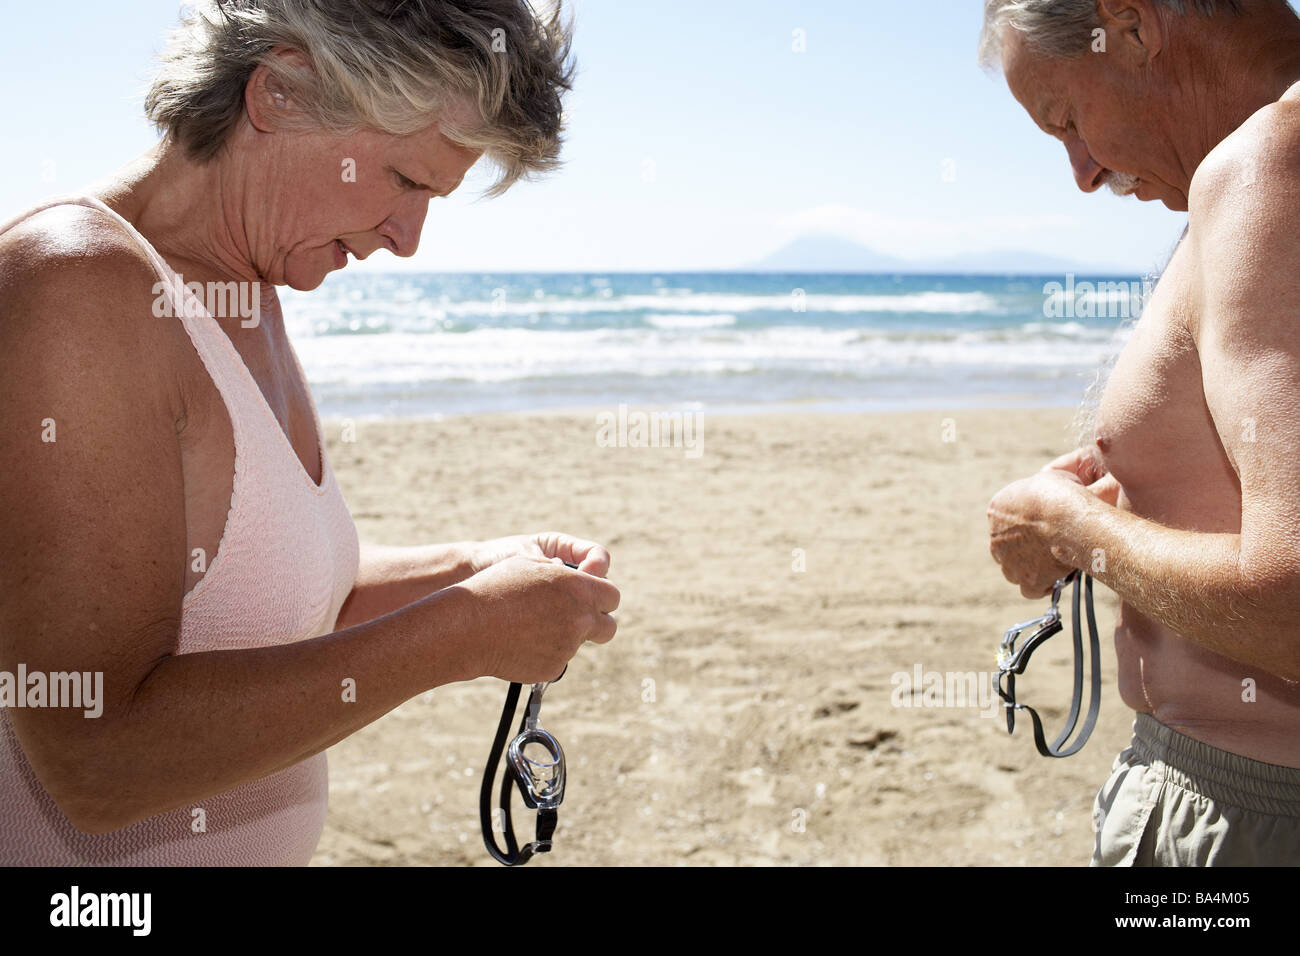 Alto par de Playa Ropa de baño gafas de natación-side-retrato abordado  series c6ead3d9ff1